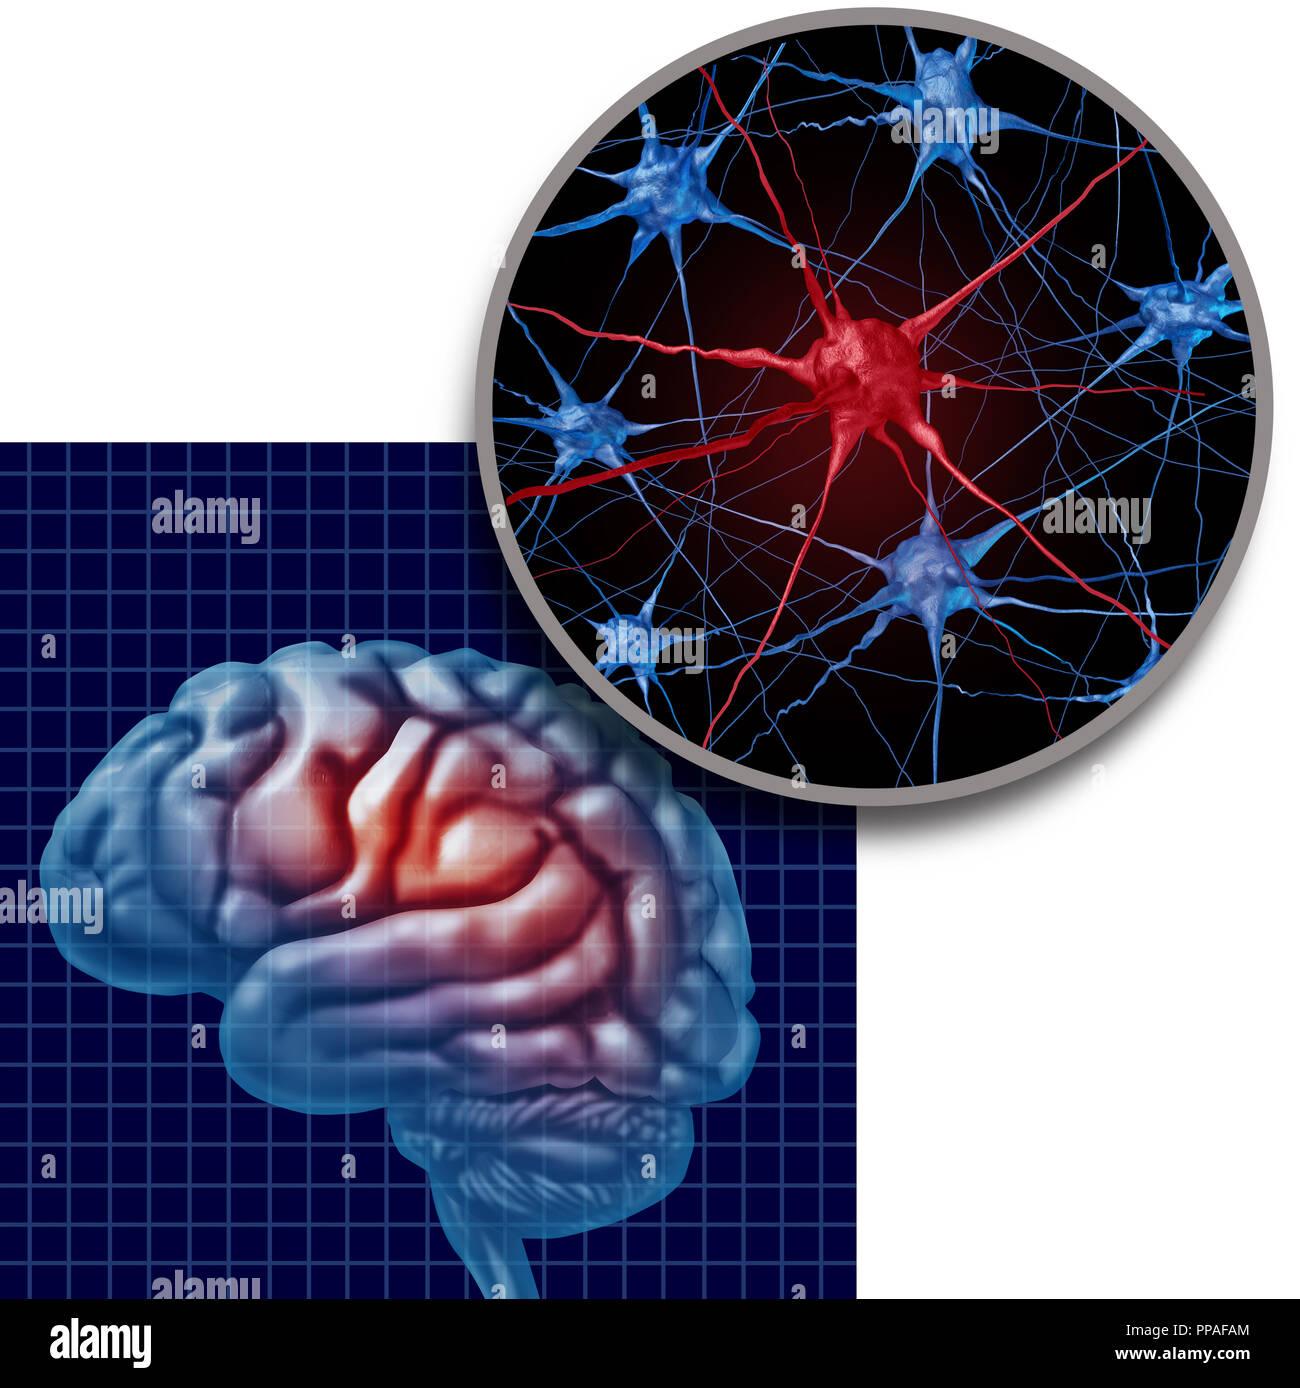 L'anatomie du cerveau Parkinson Parkinson maladie patient concept et symptômes du trouble comme une tête humaine avec les neurones. Photo Stock